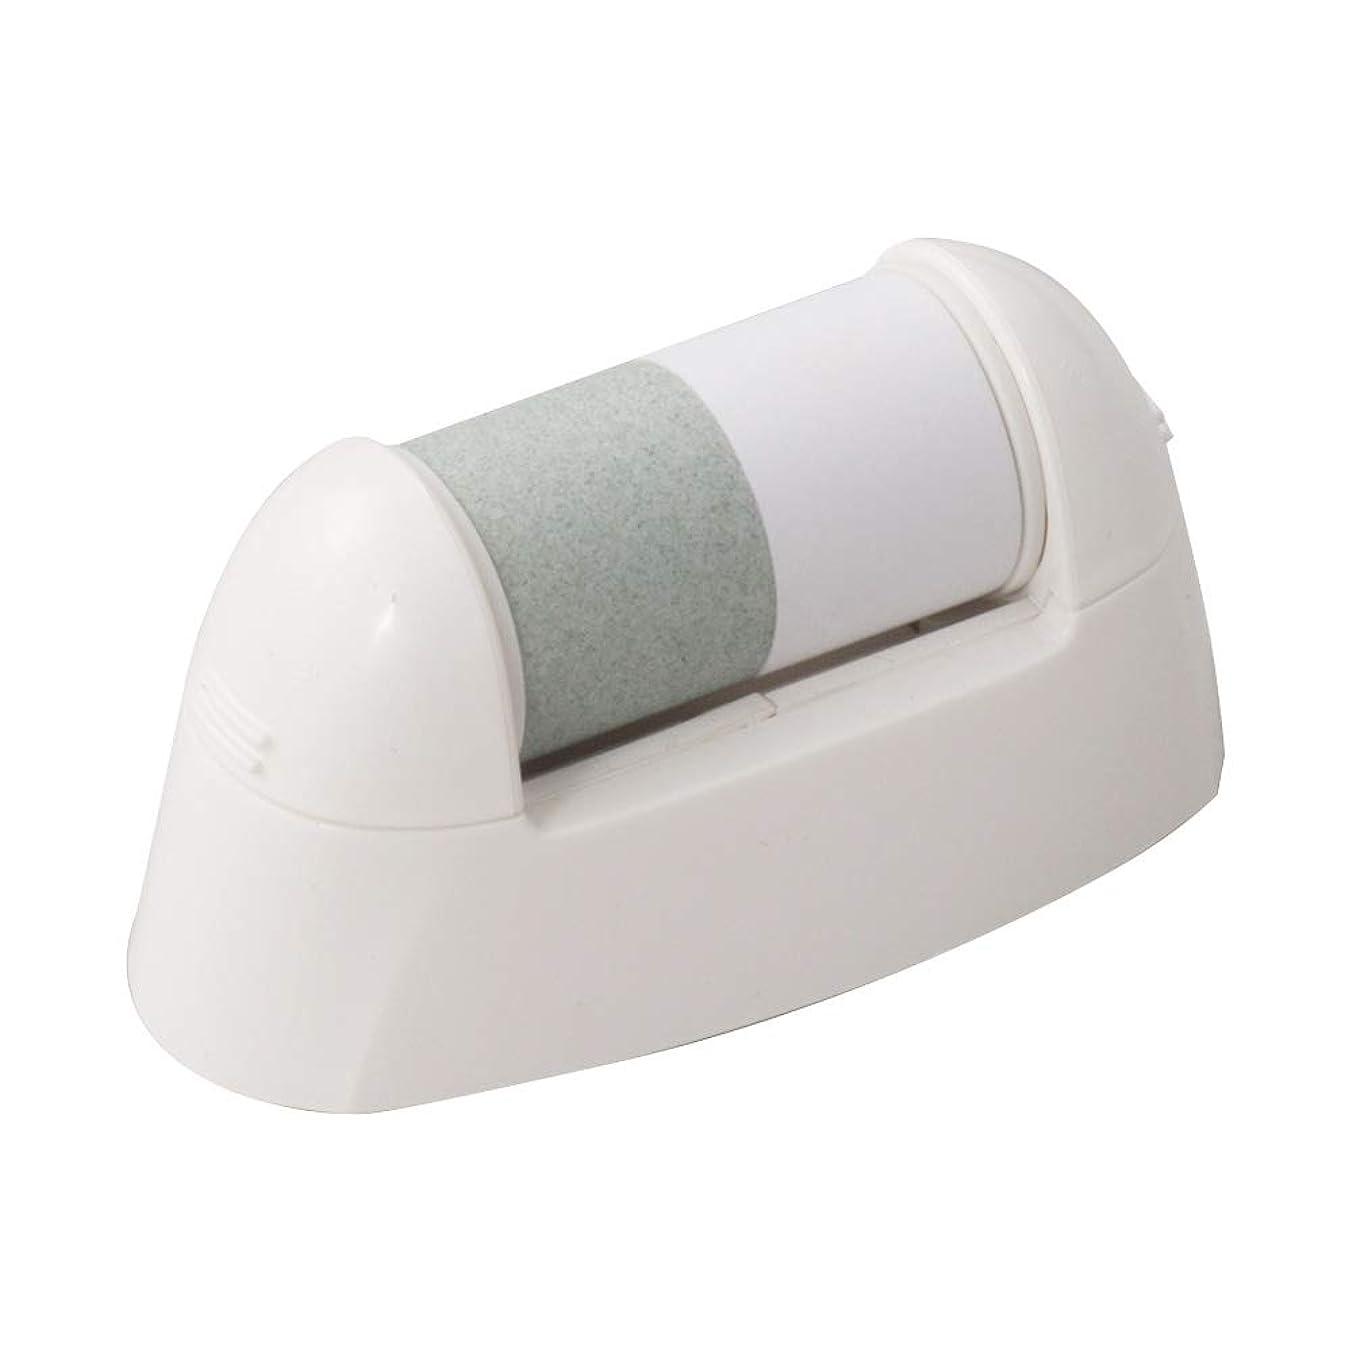 リフト例示する受信機マリン商事 電動爪削りLeaf 専用爪磨きローラー土台付き El-190134